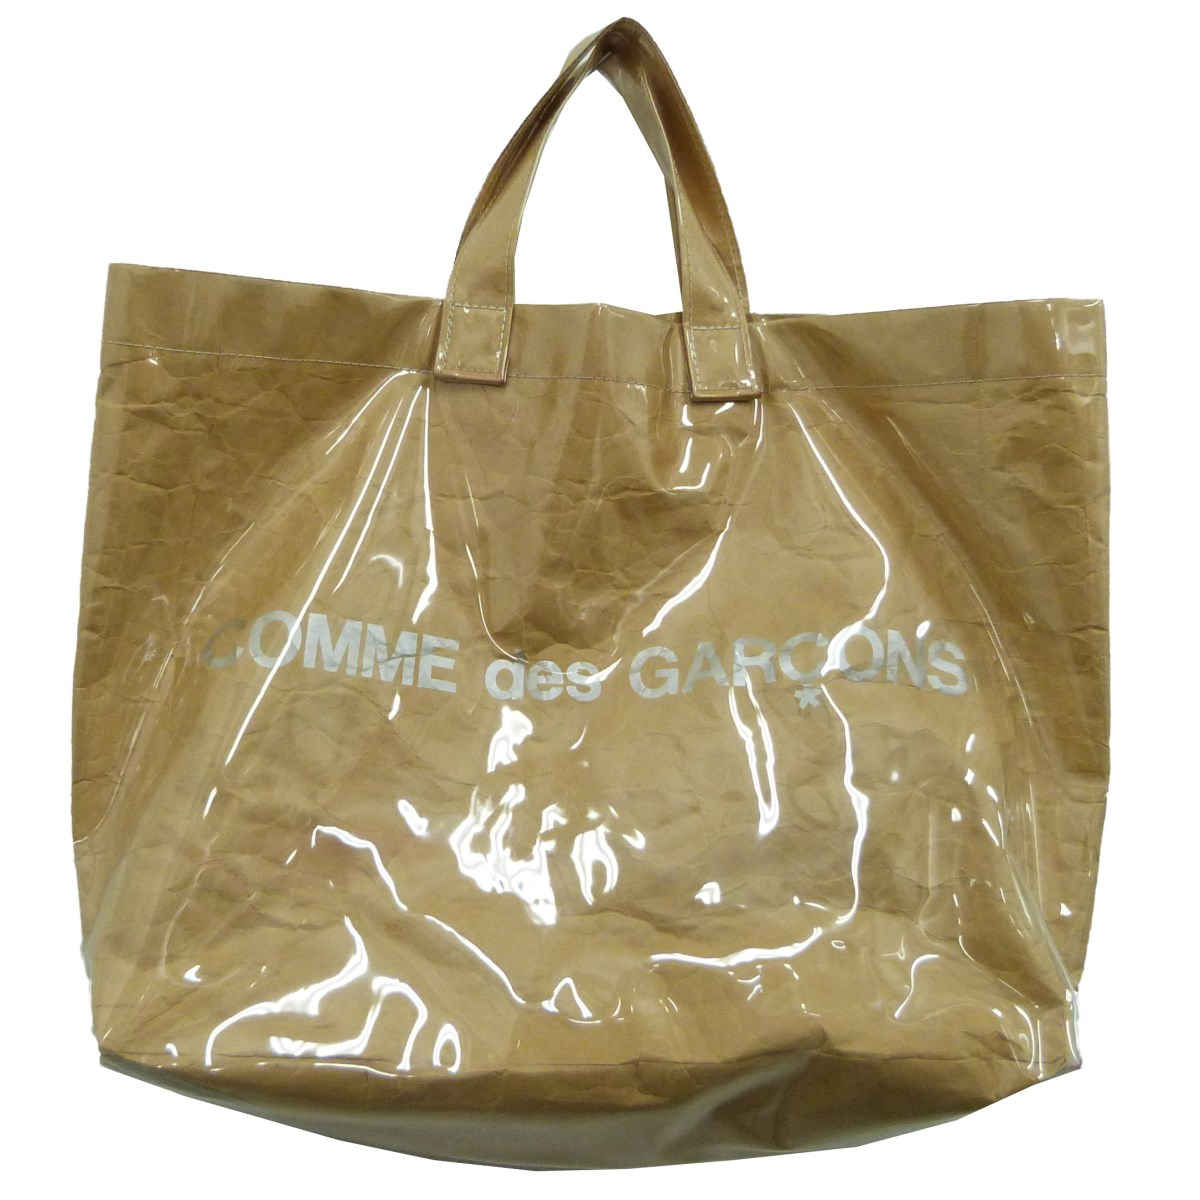 【中古】COMME des GARCONS 「PVC HOPPER TOTE BAG」ビニールペーパートートバッグ クリア×ベージュ サイズ:- 【070420】(コムデギャルソン)